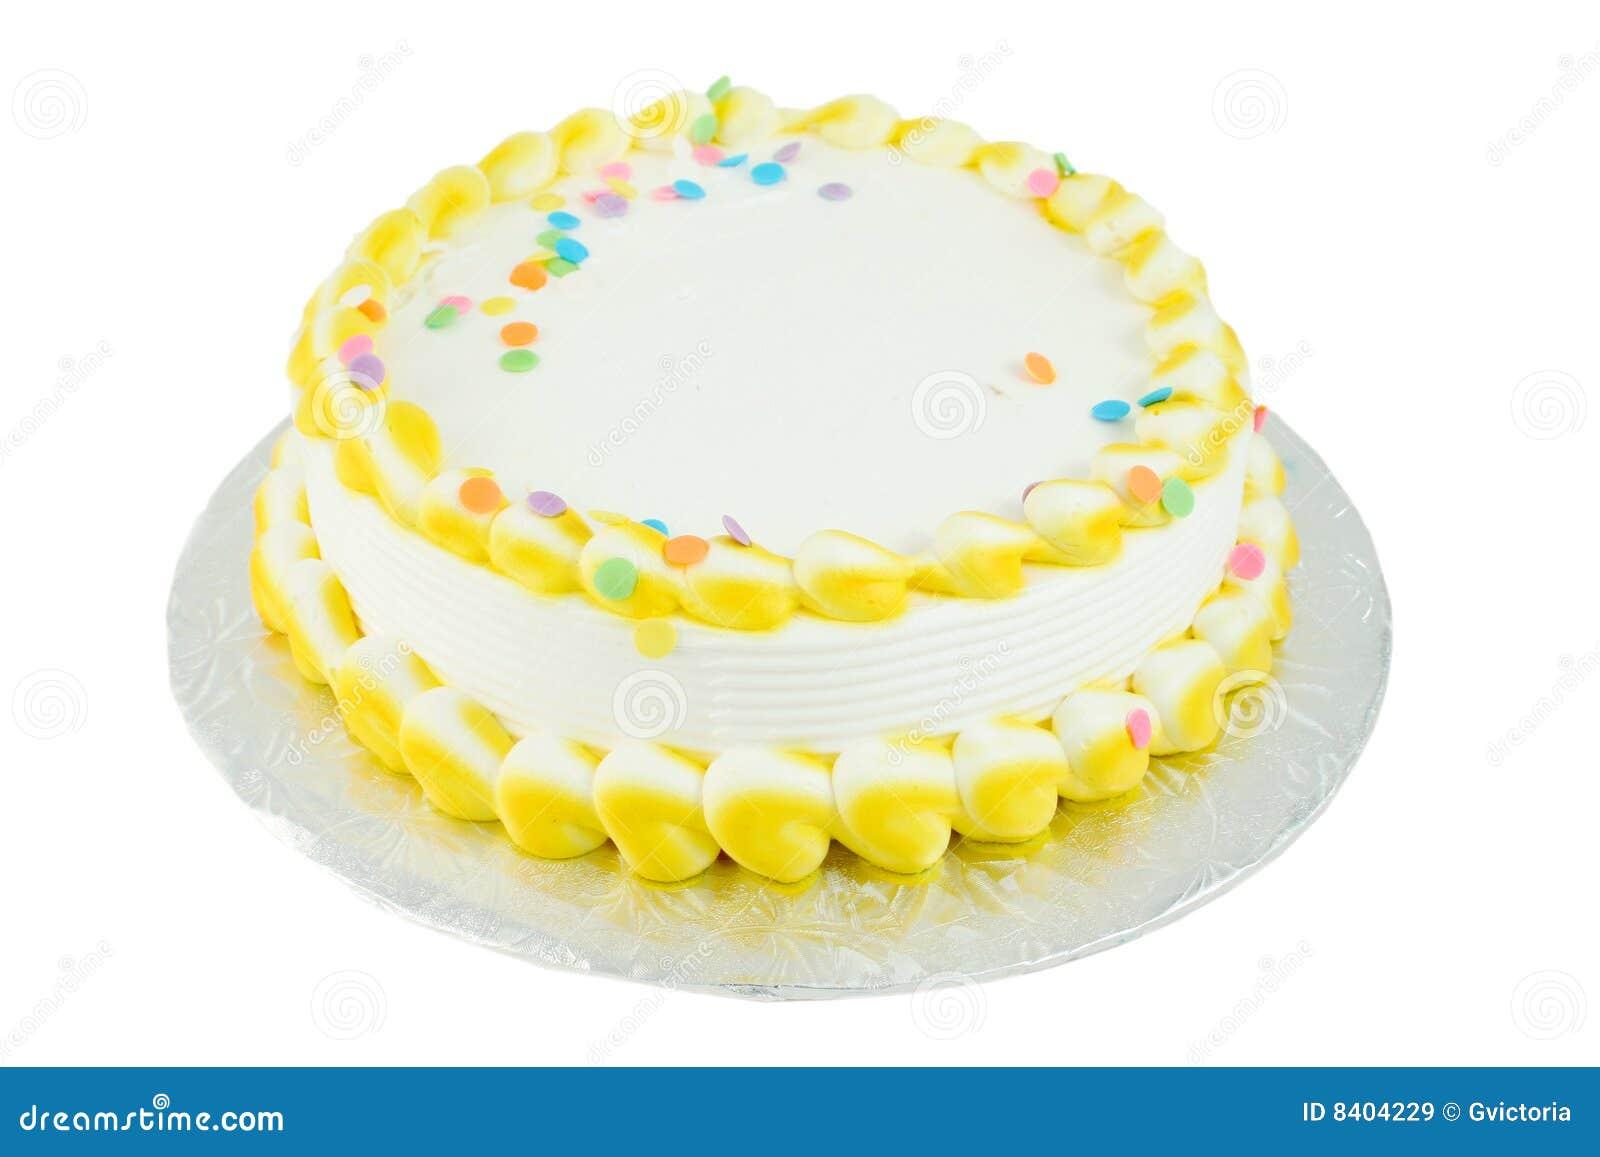 Blank Festive Cake Royalty Free Stock Images - Image: 8404229